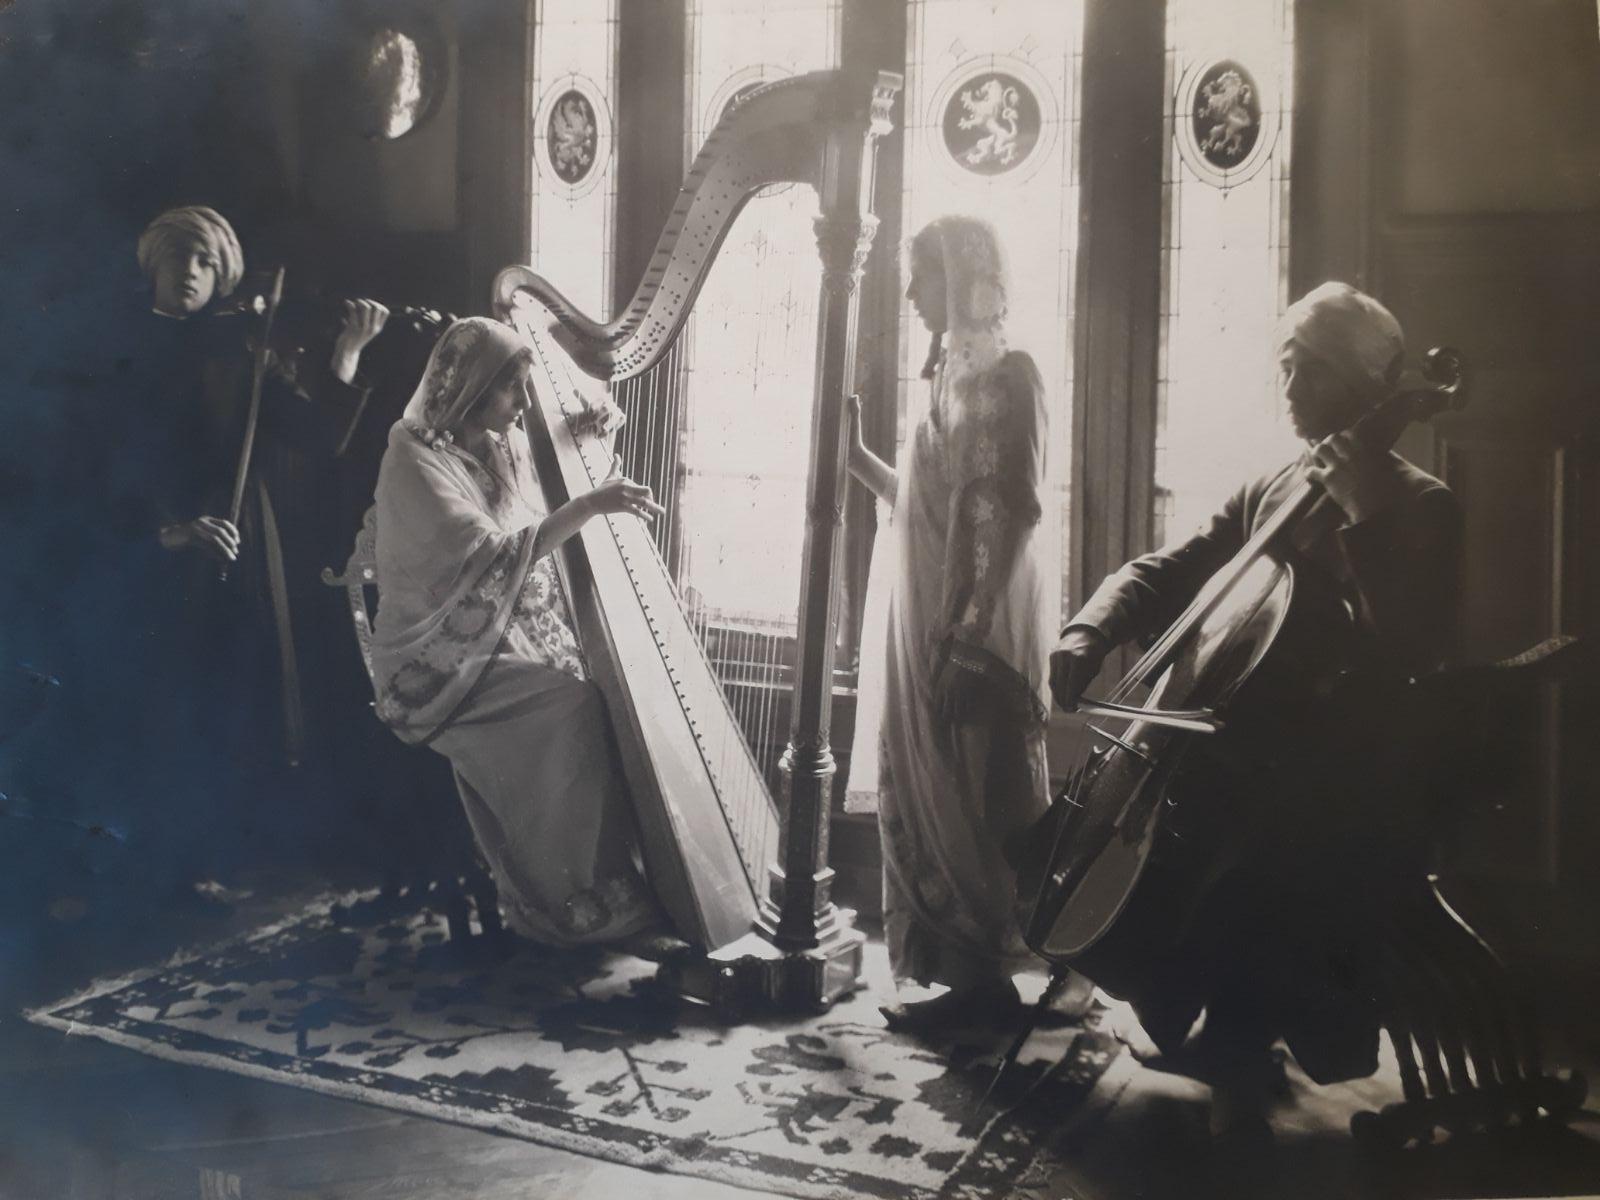 Noor playing harp with Vilayat, Hidayat, and Khairunissa in Fazal Manzil.